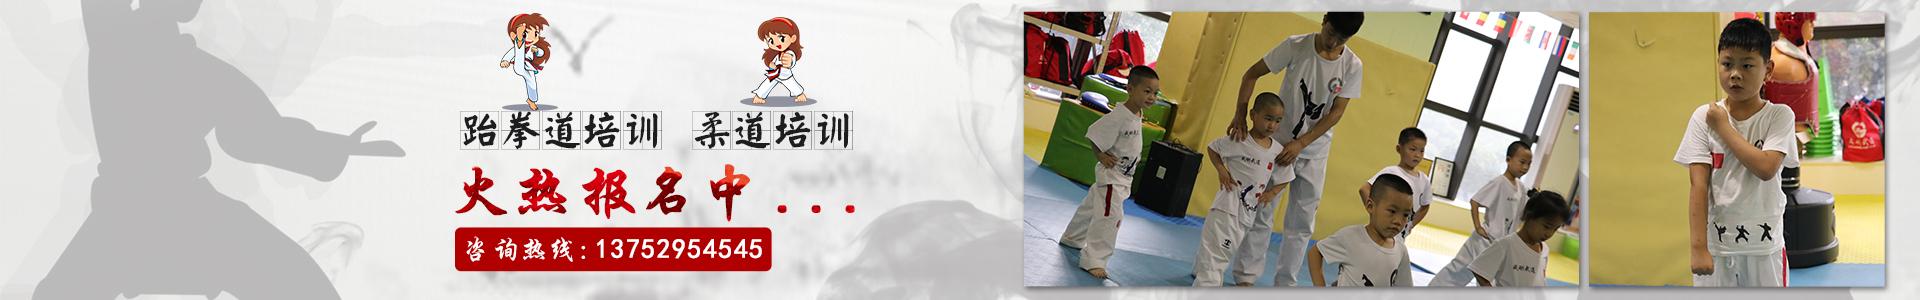 跆拳道培训班